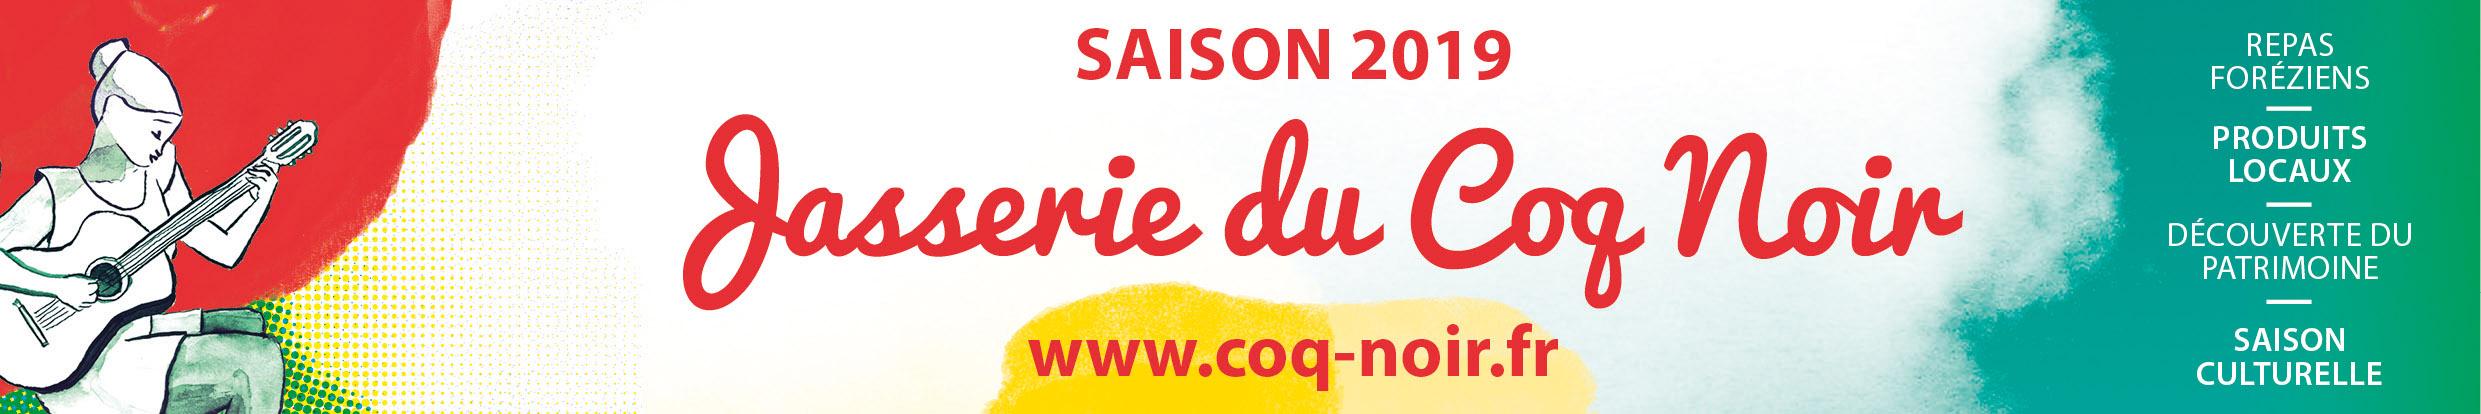 saison culturelle 2019 jasserie du coq noir, visuel